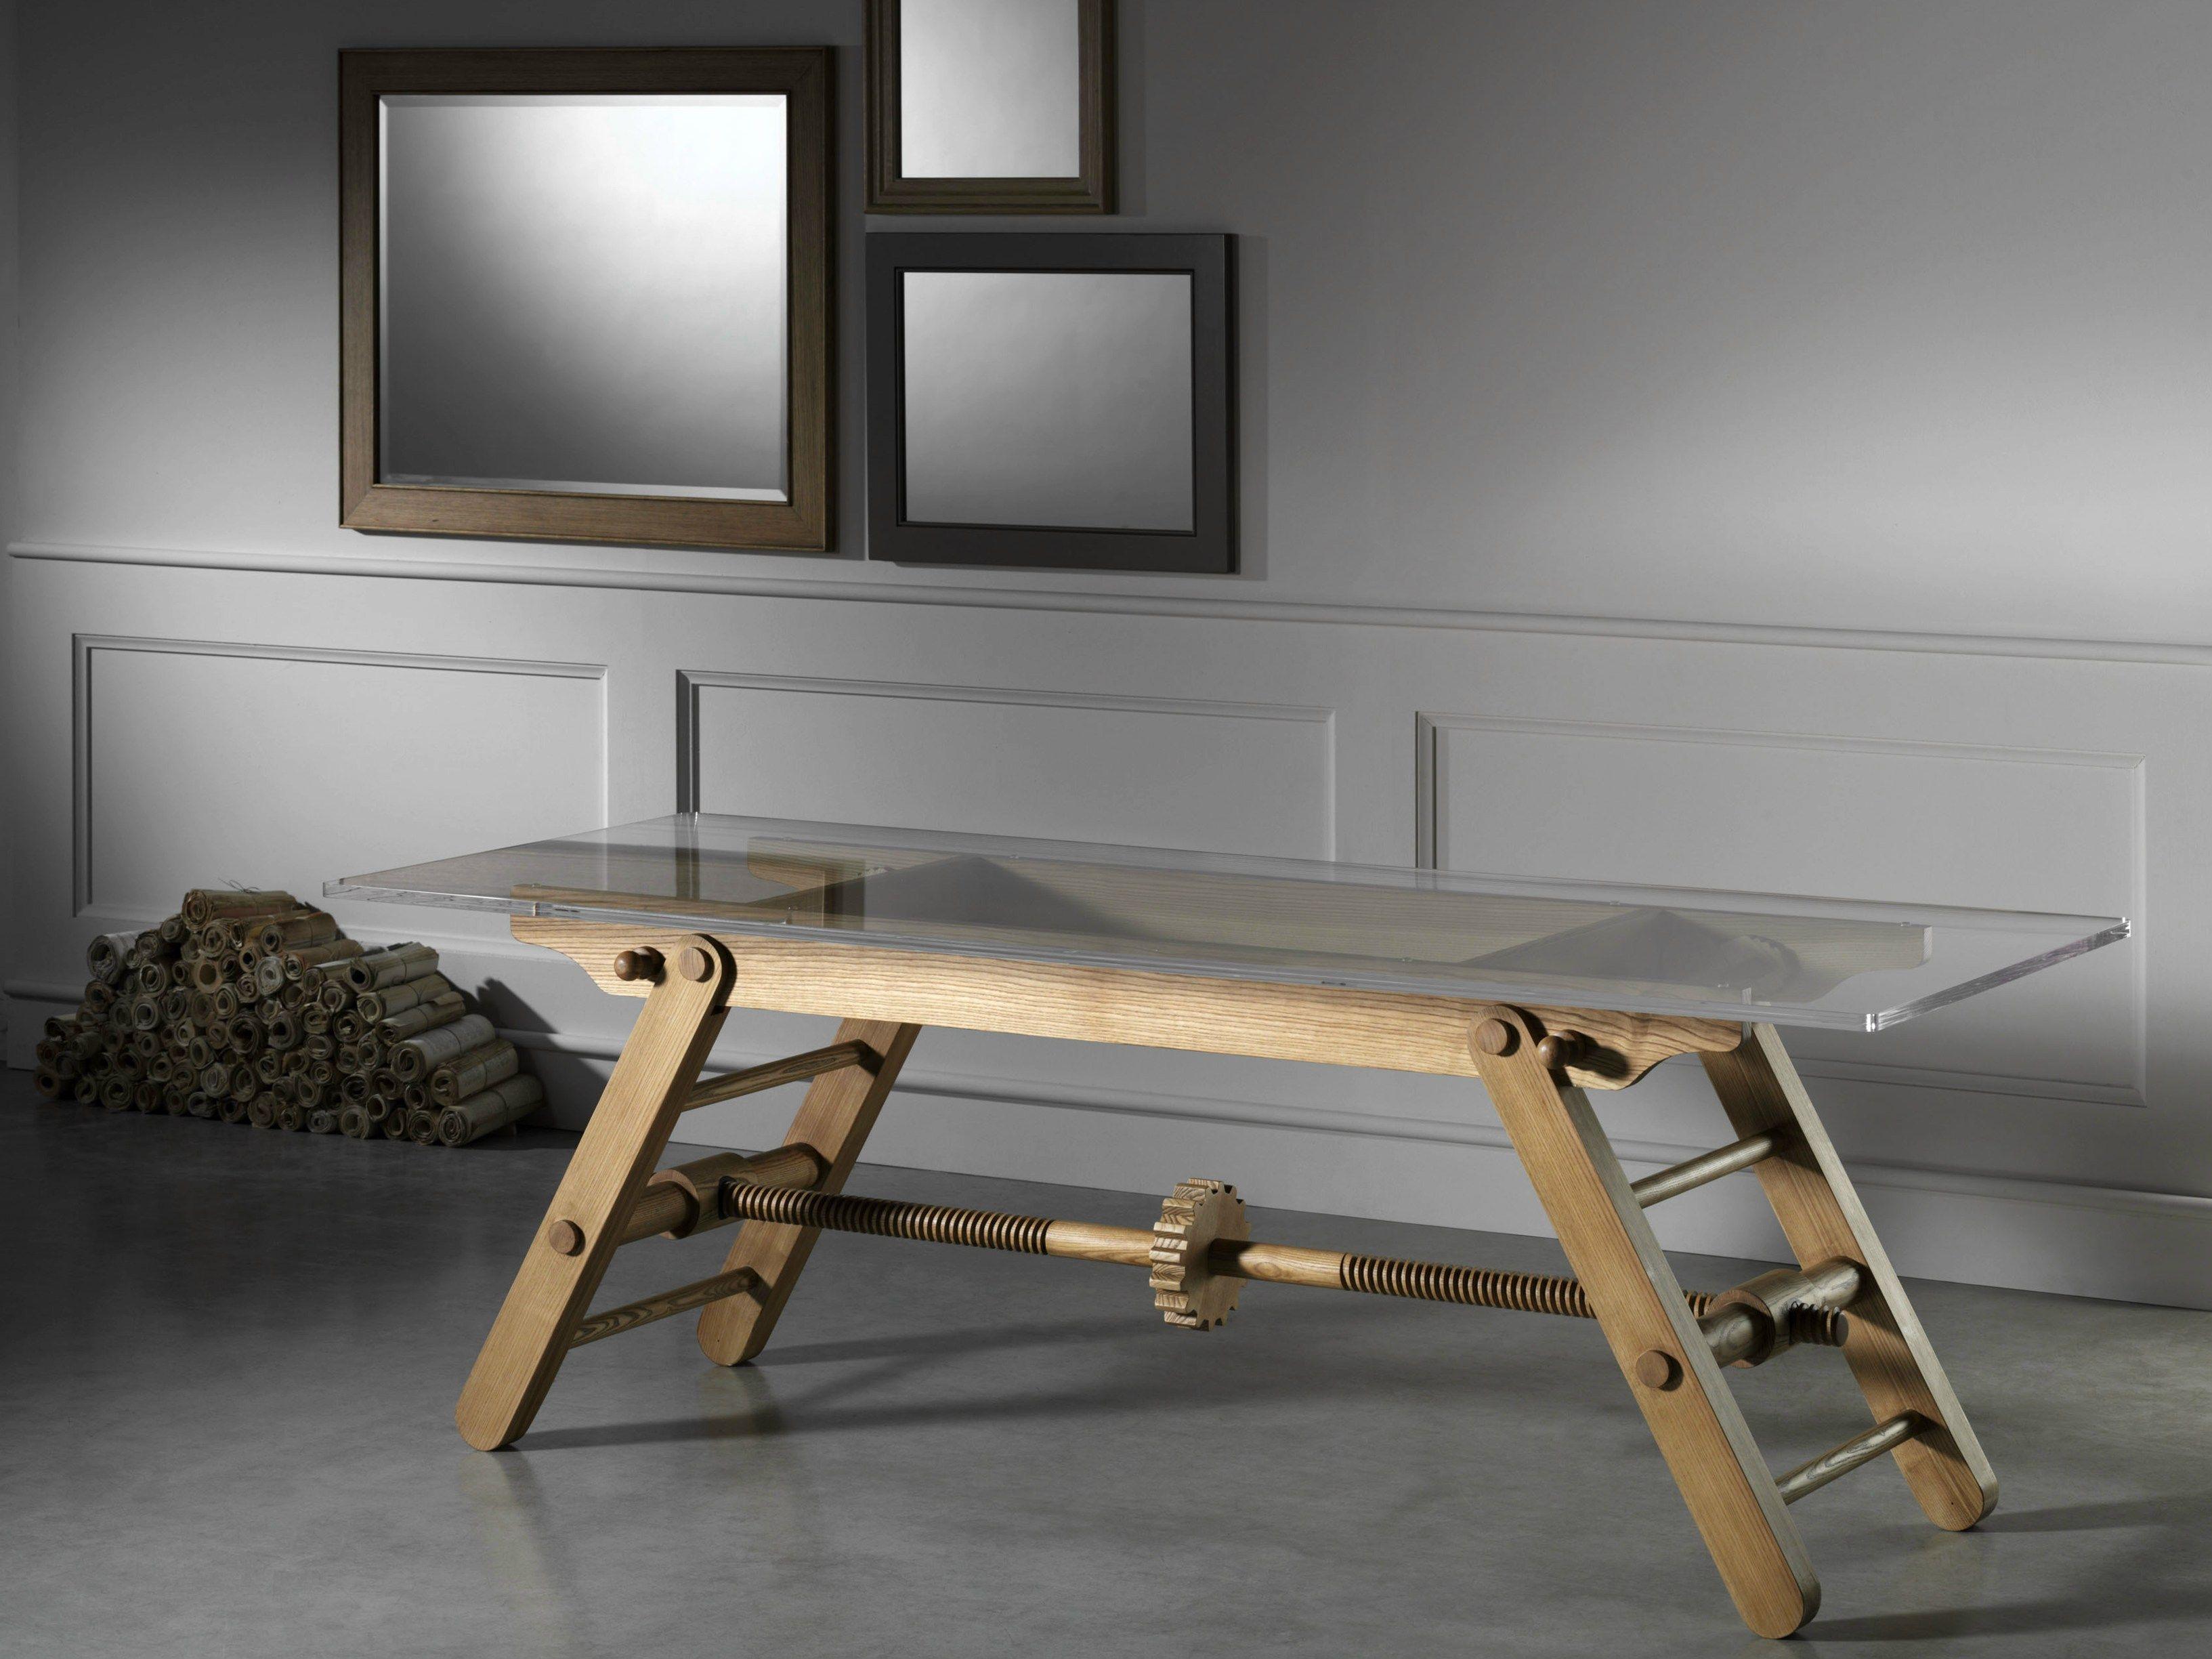 Tavolo ad altezza regolabile in frassino compasso by l 39 ottocento - Tavoli regolabili in altezza prezzi ...